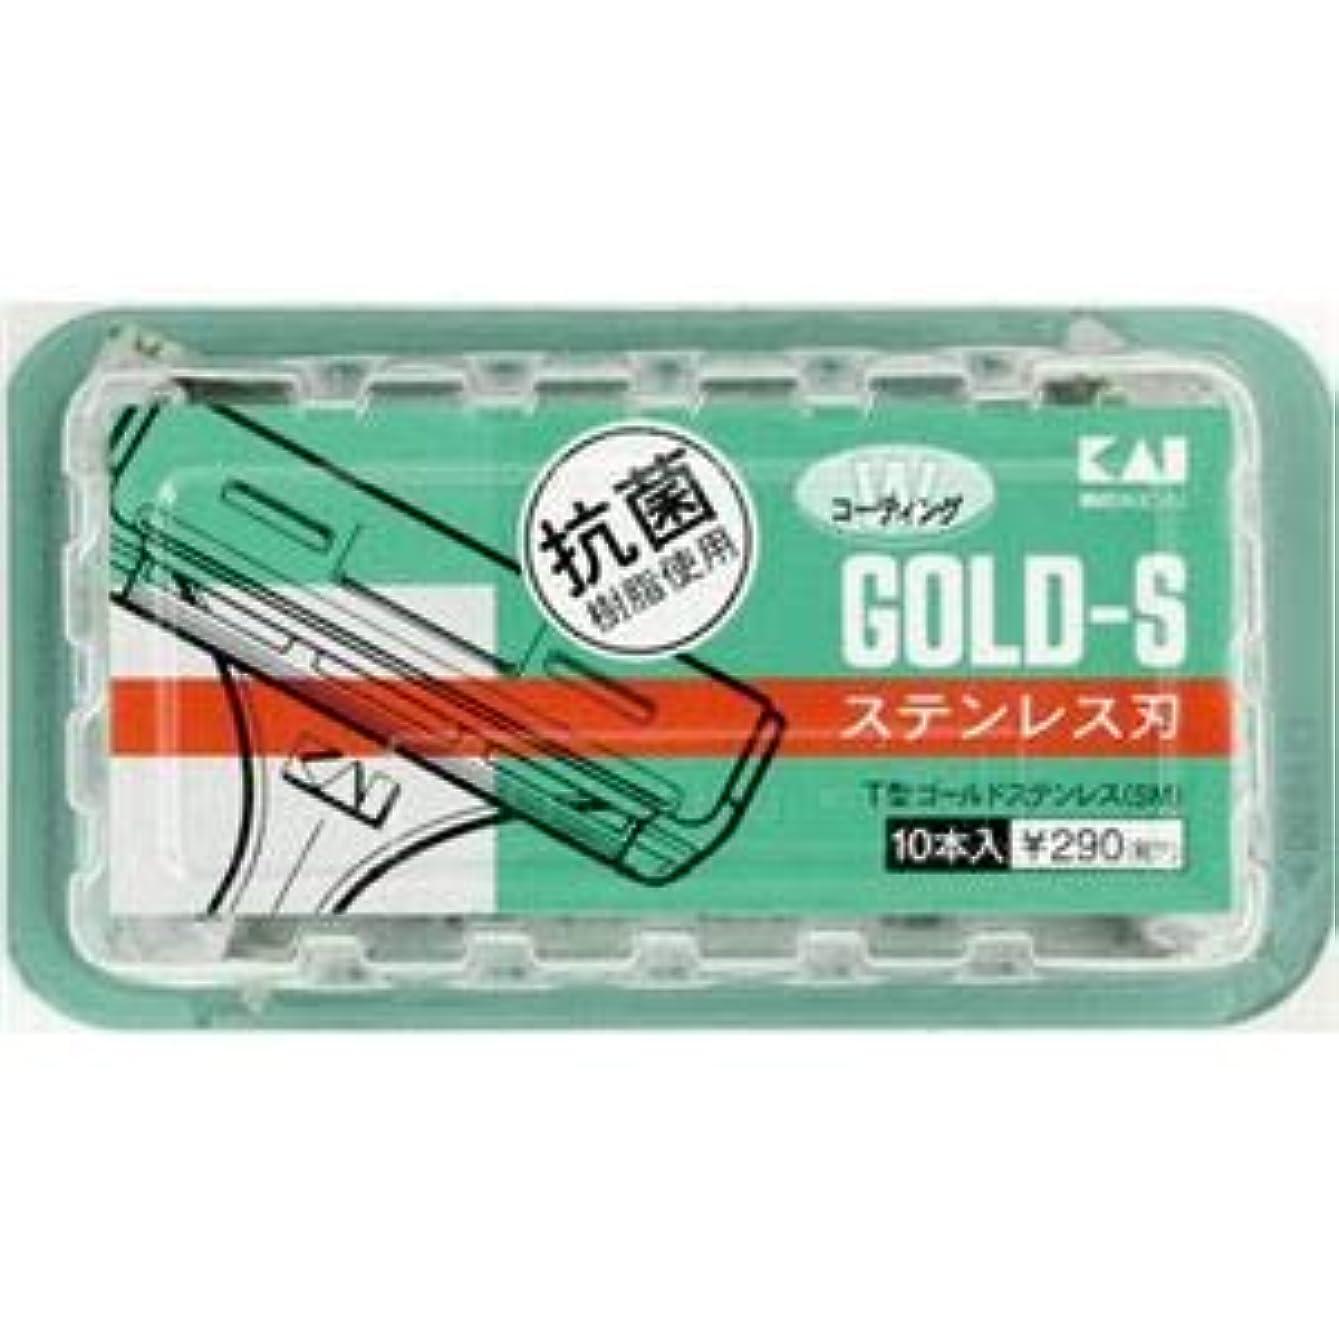 忌み嫌うリレー白菜(業務用20セット) 貝印 T型ゴールドステンレスSM10本